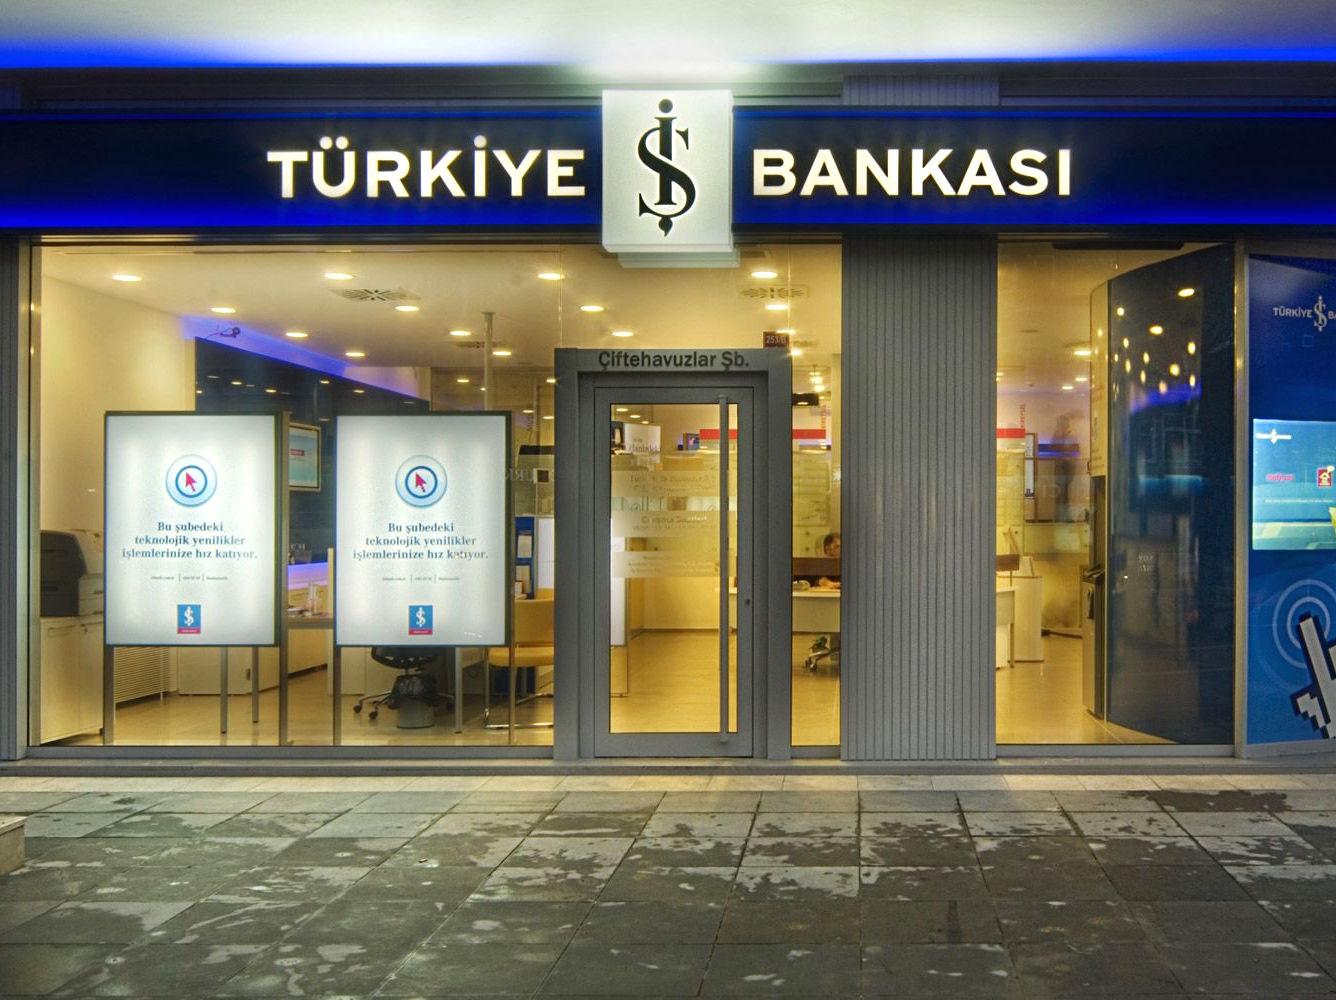 turkiye is bankasi hangi hizmetleri sunmaktadir